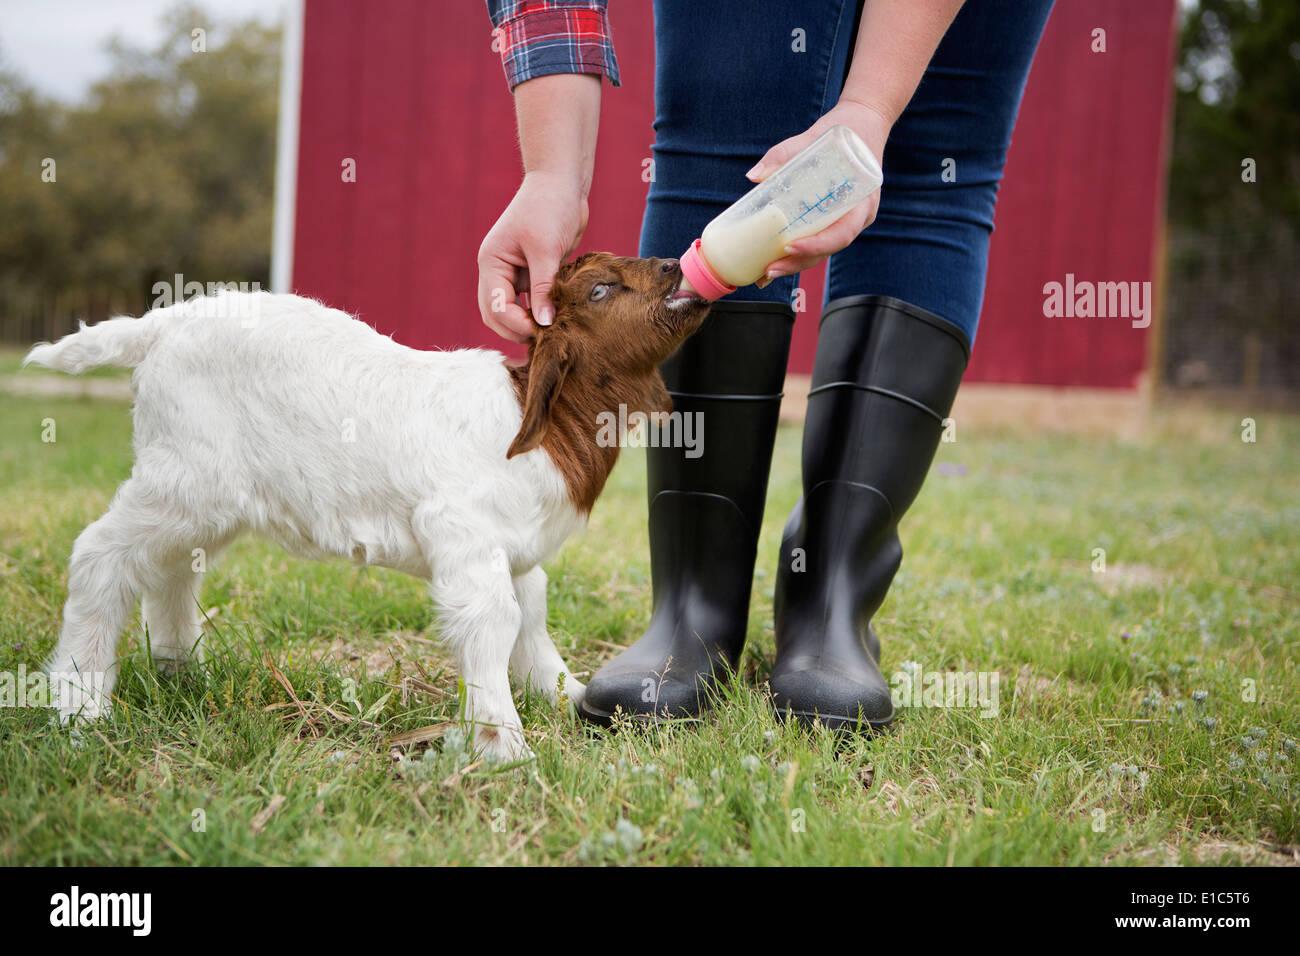 Ein Mädchen mit der Flasche füttern ein Zicklein. Stockbild